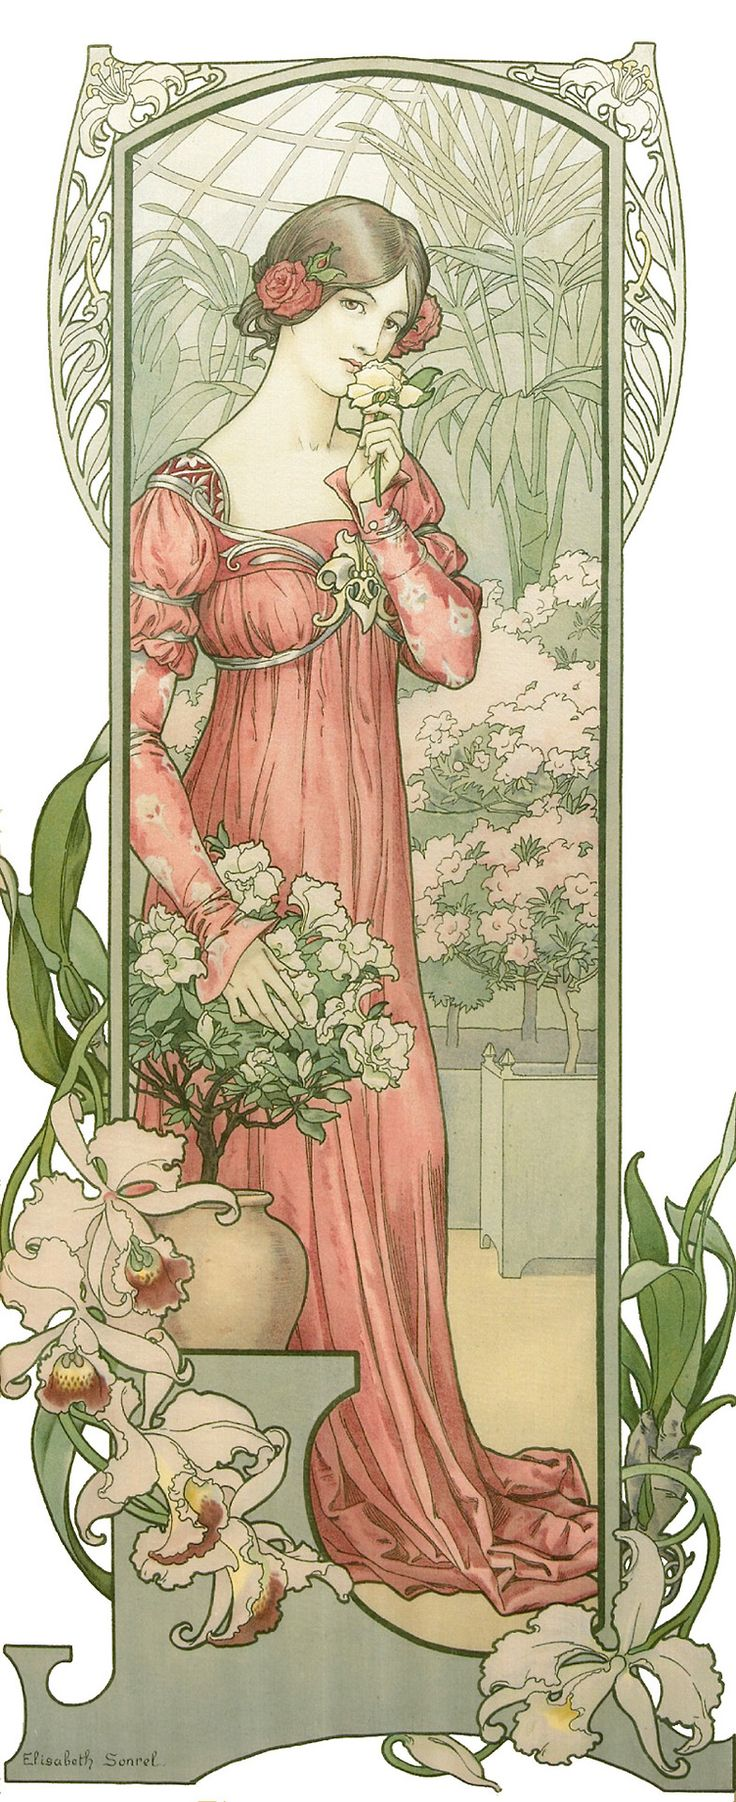 | ♕ |  Fleur des Serre (Greenhouse Flowers) - 1900 - by Elizabeth Sonrel (French, 1874-1953) - Art Nouveau Postcard